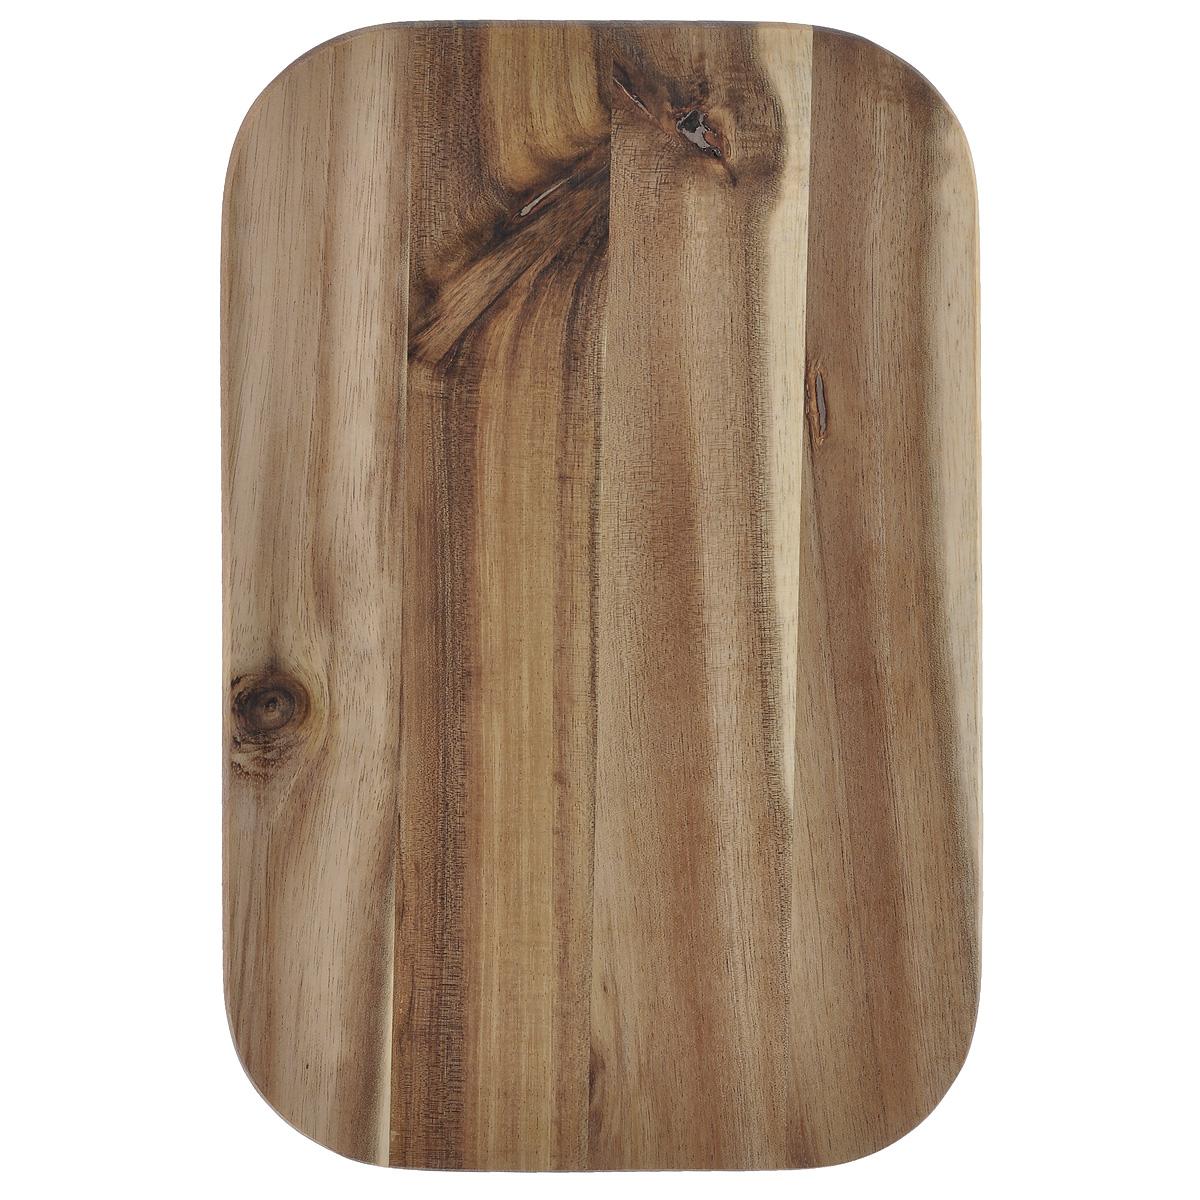 Доска разделочная Kesper, 23 см х 15 см. 2340-017025Разделочная доска Kesper изготовлена из натурального дерева акации. Благодаря среднему размеру на ней удобно разделывать различные продукты и она не занимает много места.Функциональная и простая в использовании, разделочная доска Kesper прекрасно впишется в интерьер любой кухни и прослужит вам долгие годы. Для мытья использовать неабразивные моющие средства.